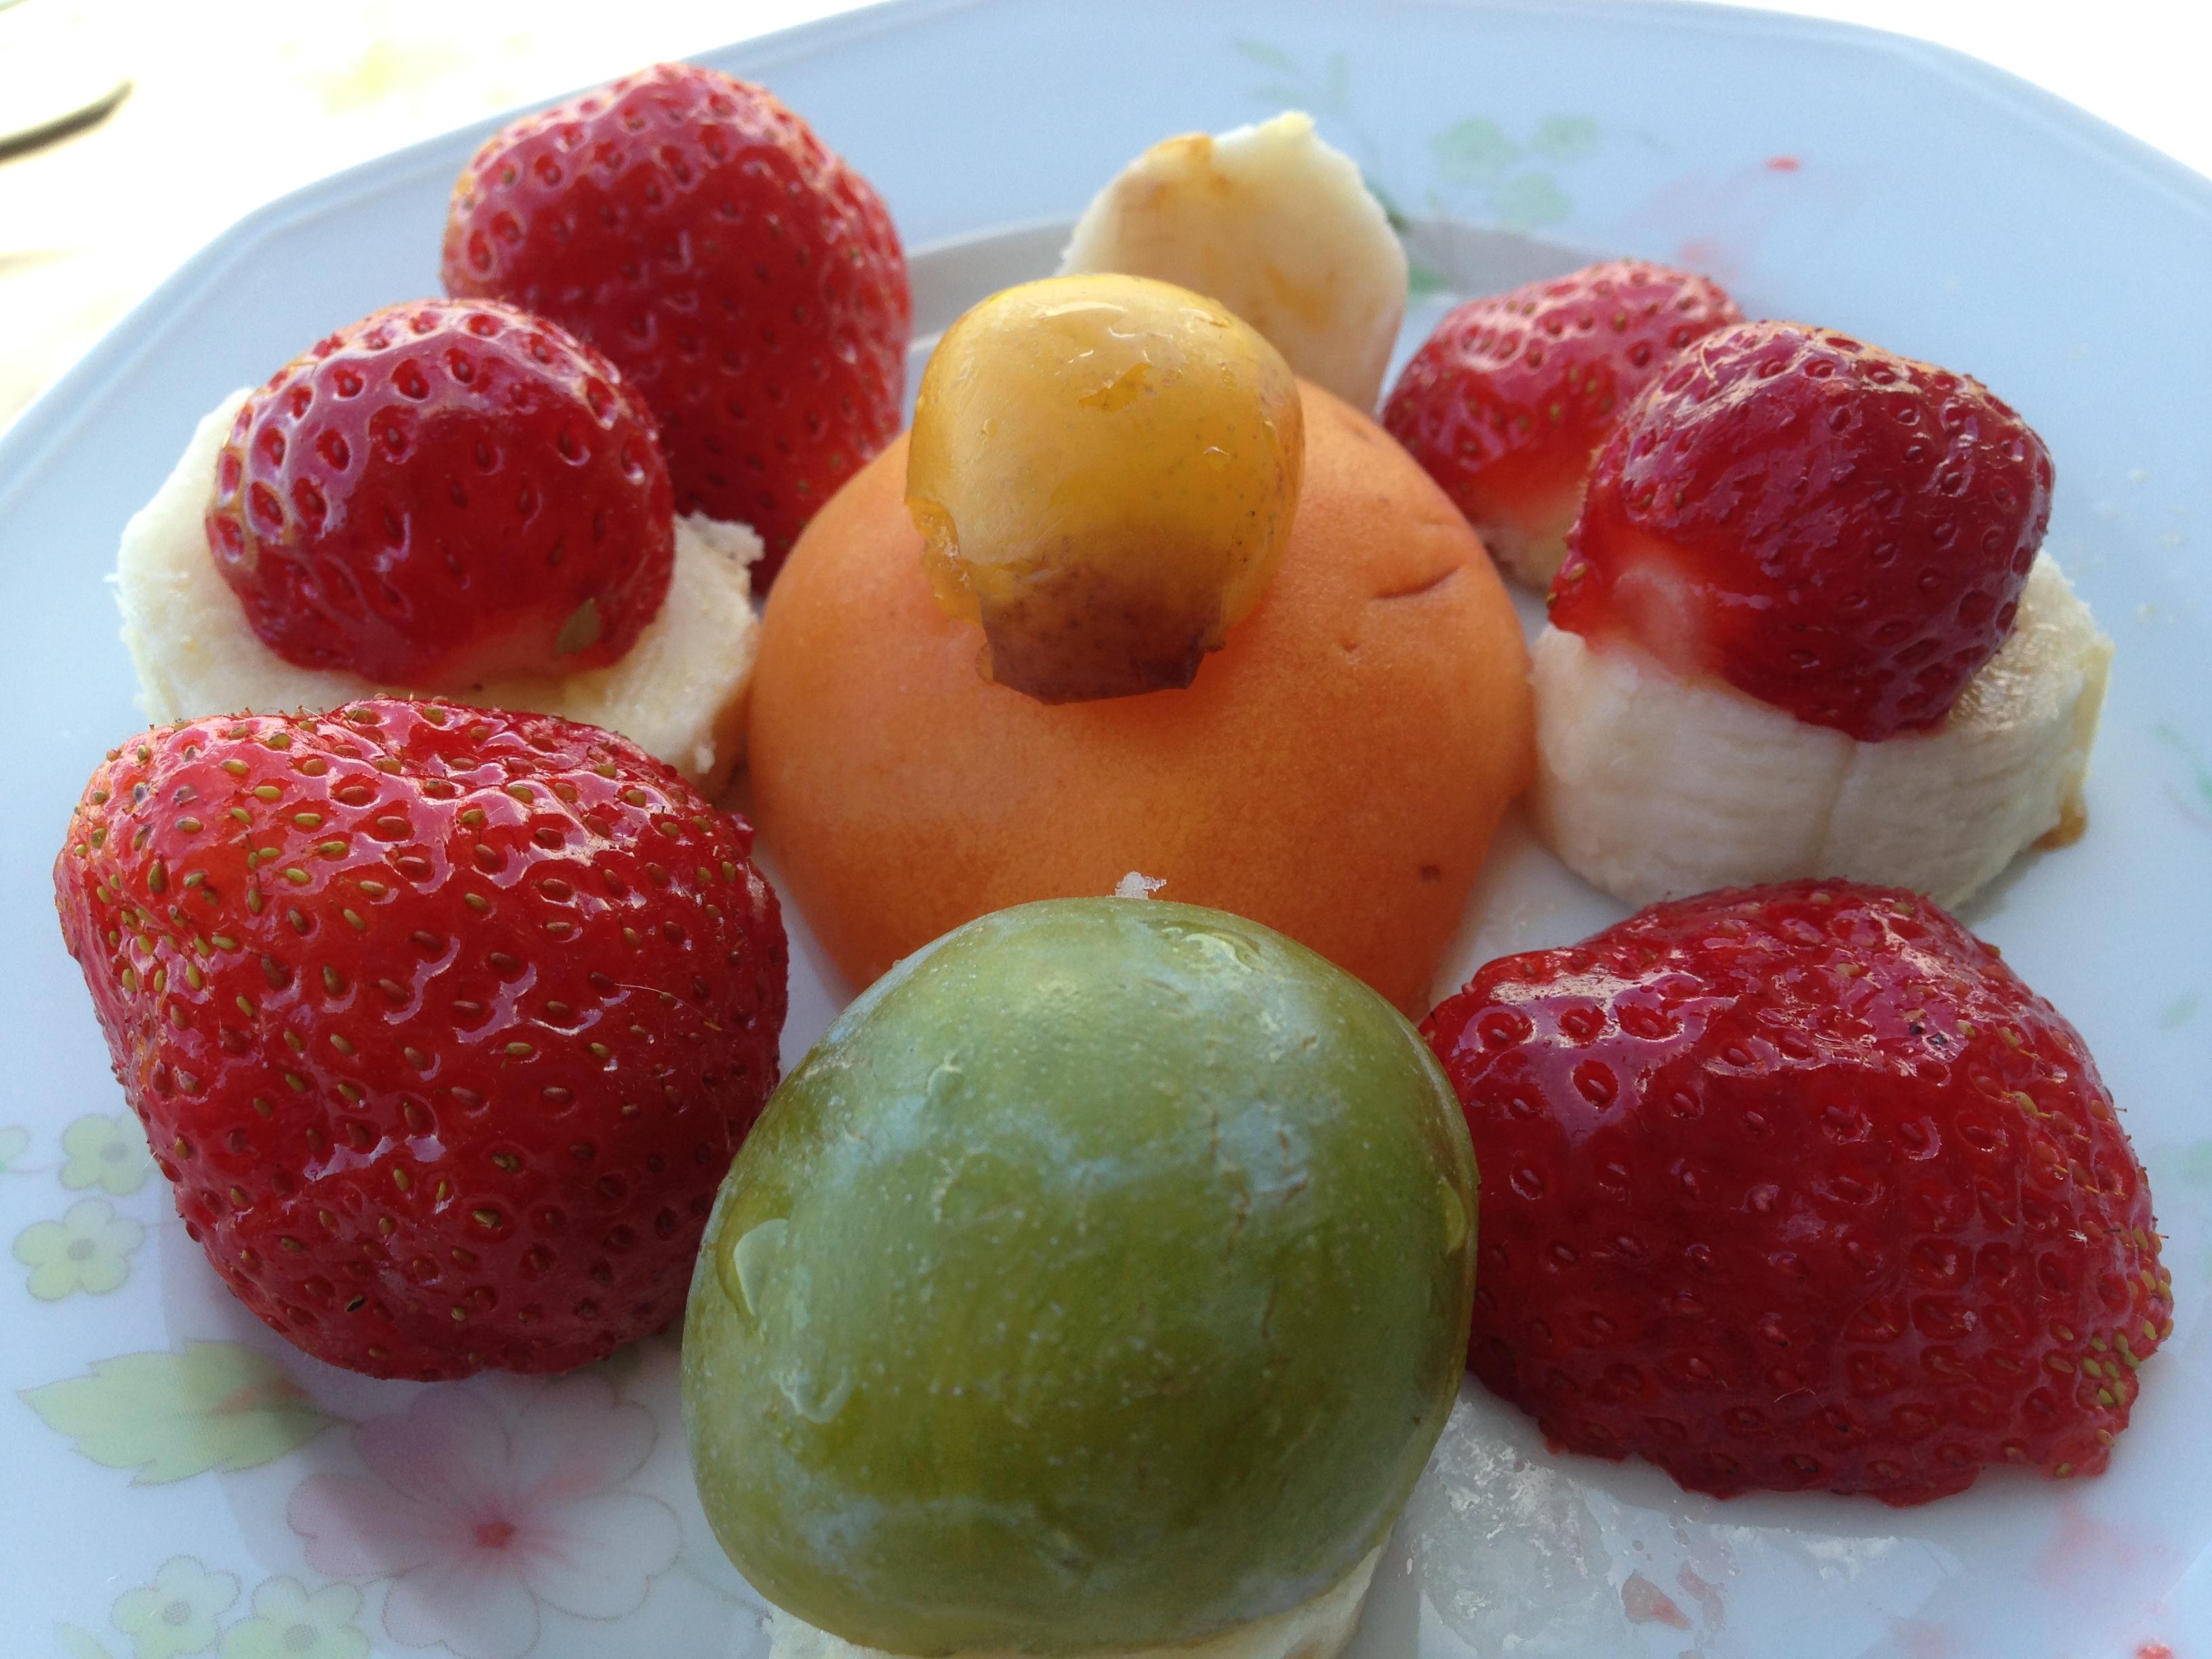 Pr paration assiette fruits dessert 3 bien dans ma cuisine for J apprends a cuisiner